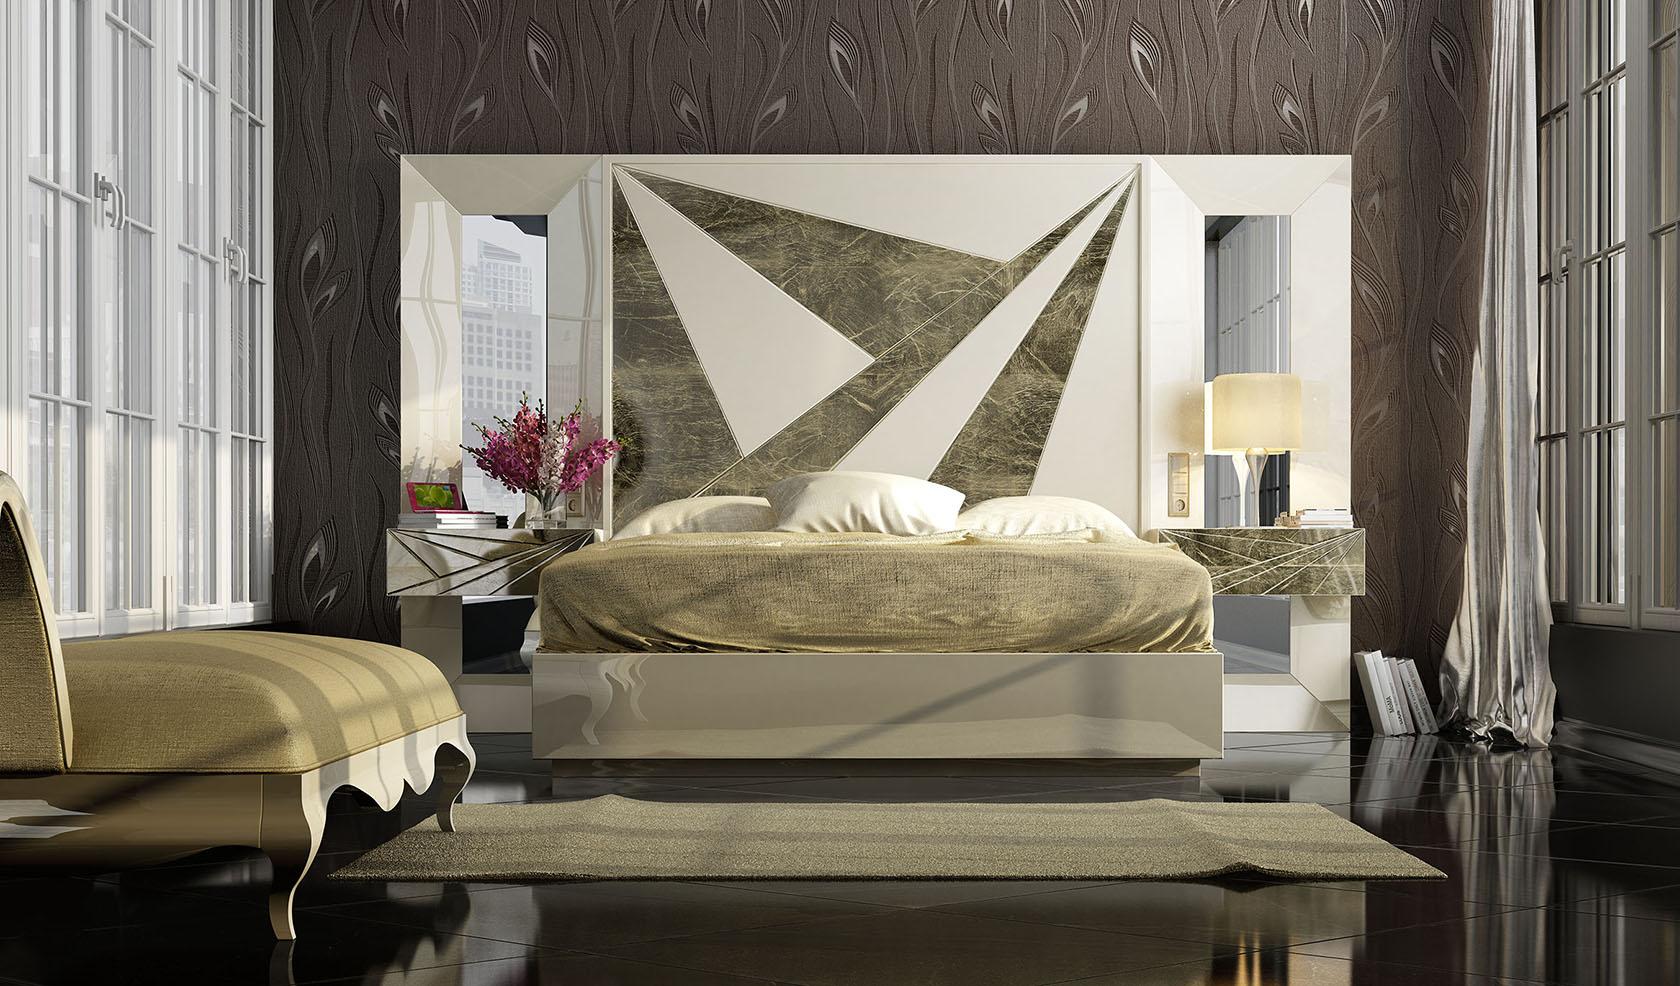 Dormitorios_Contempóraneos_(2)